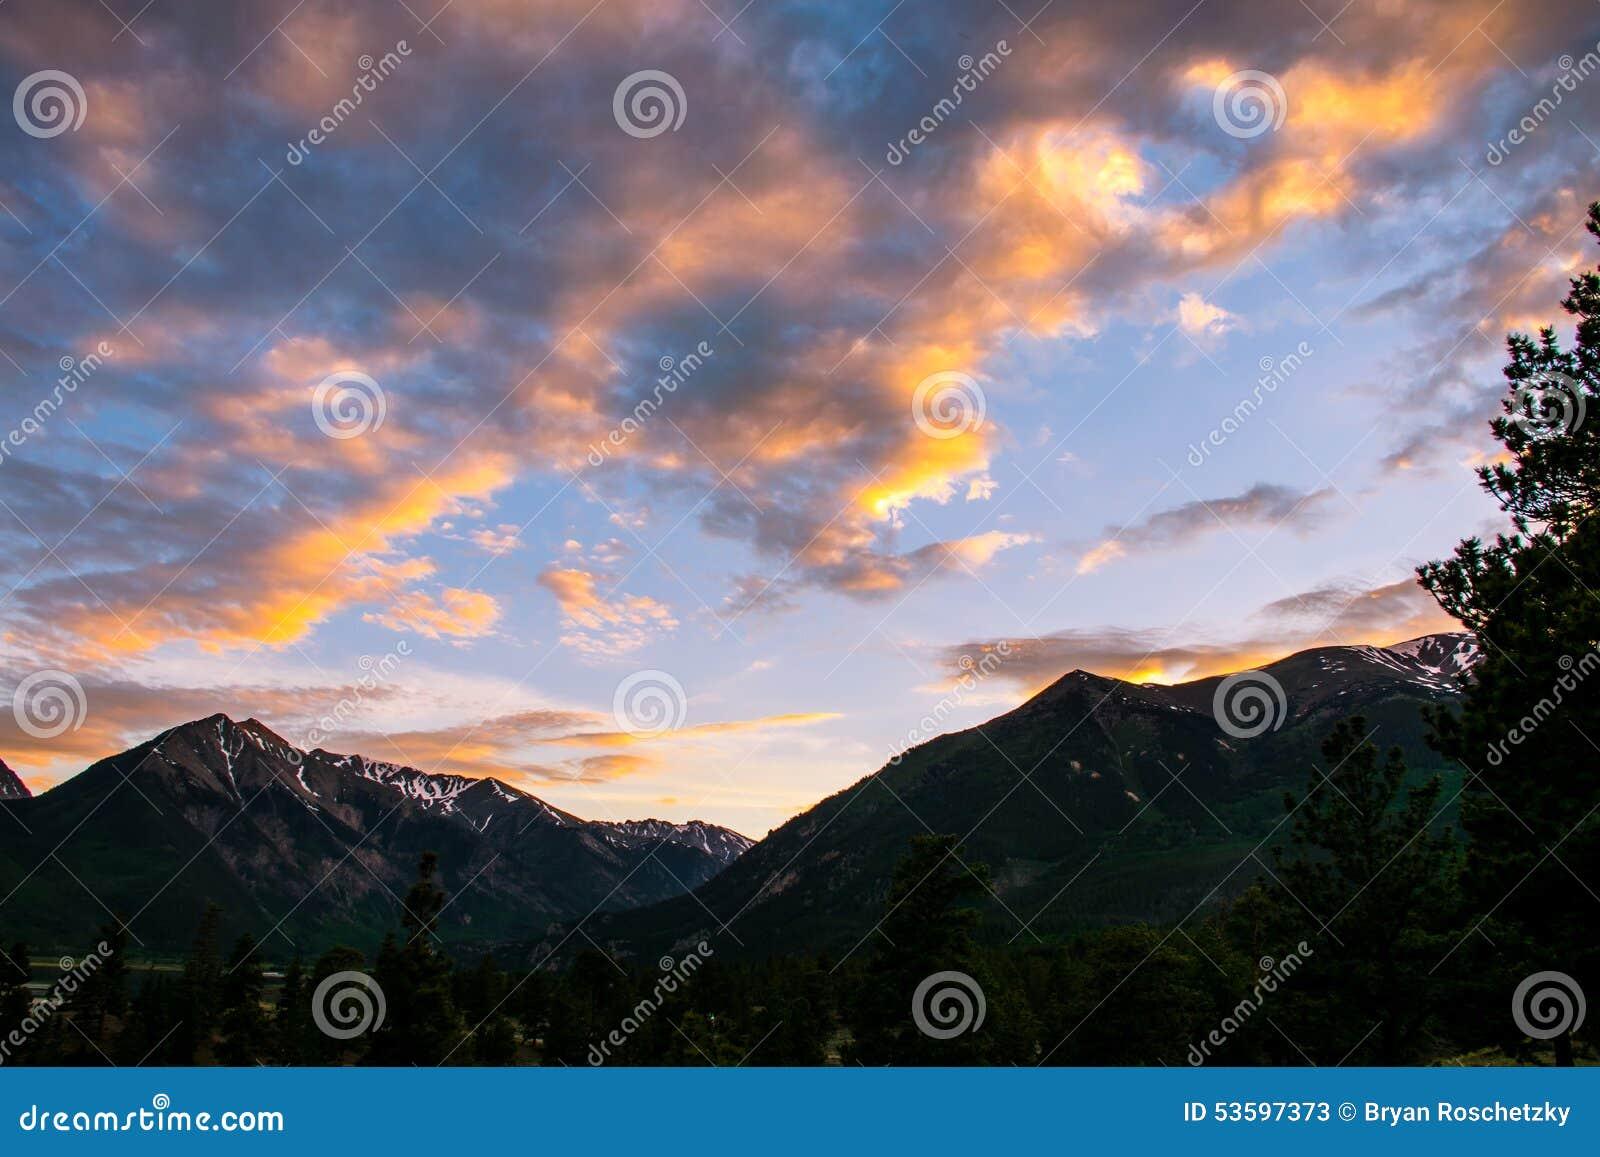 Felicidade alpina do âmbar do fulgor do cloudscape gêmeo do por do sol do lago